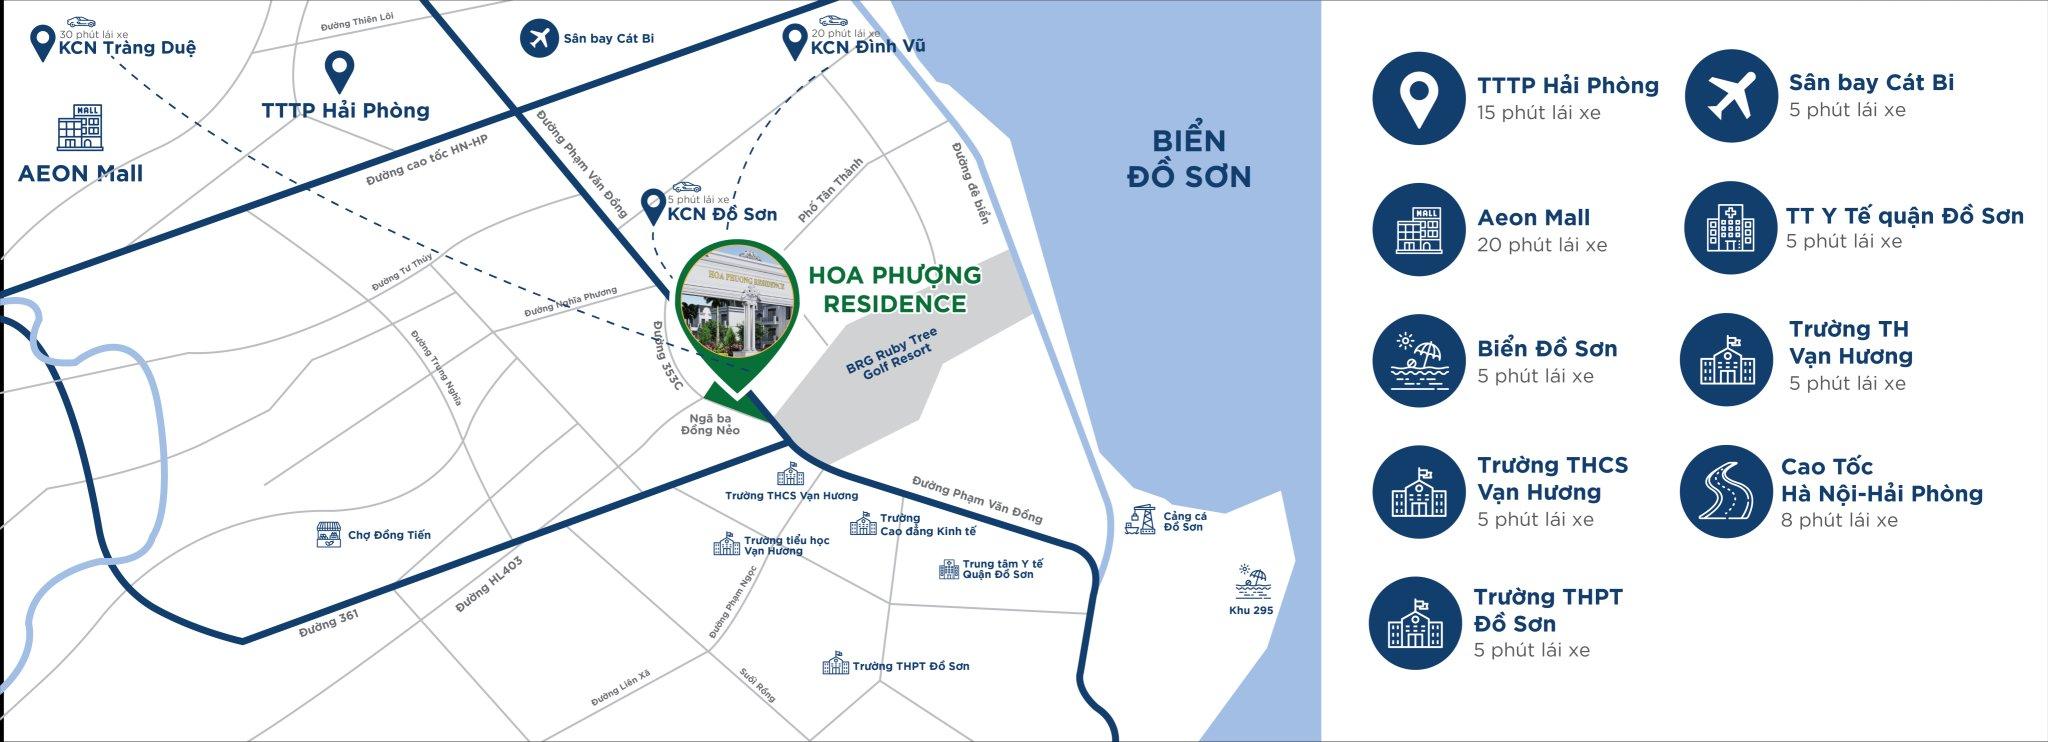 Khu đô thị Hoa Phượng Residence - Vị Trí Dự Án - Liên Kết Vùng